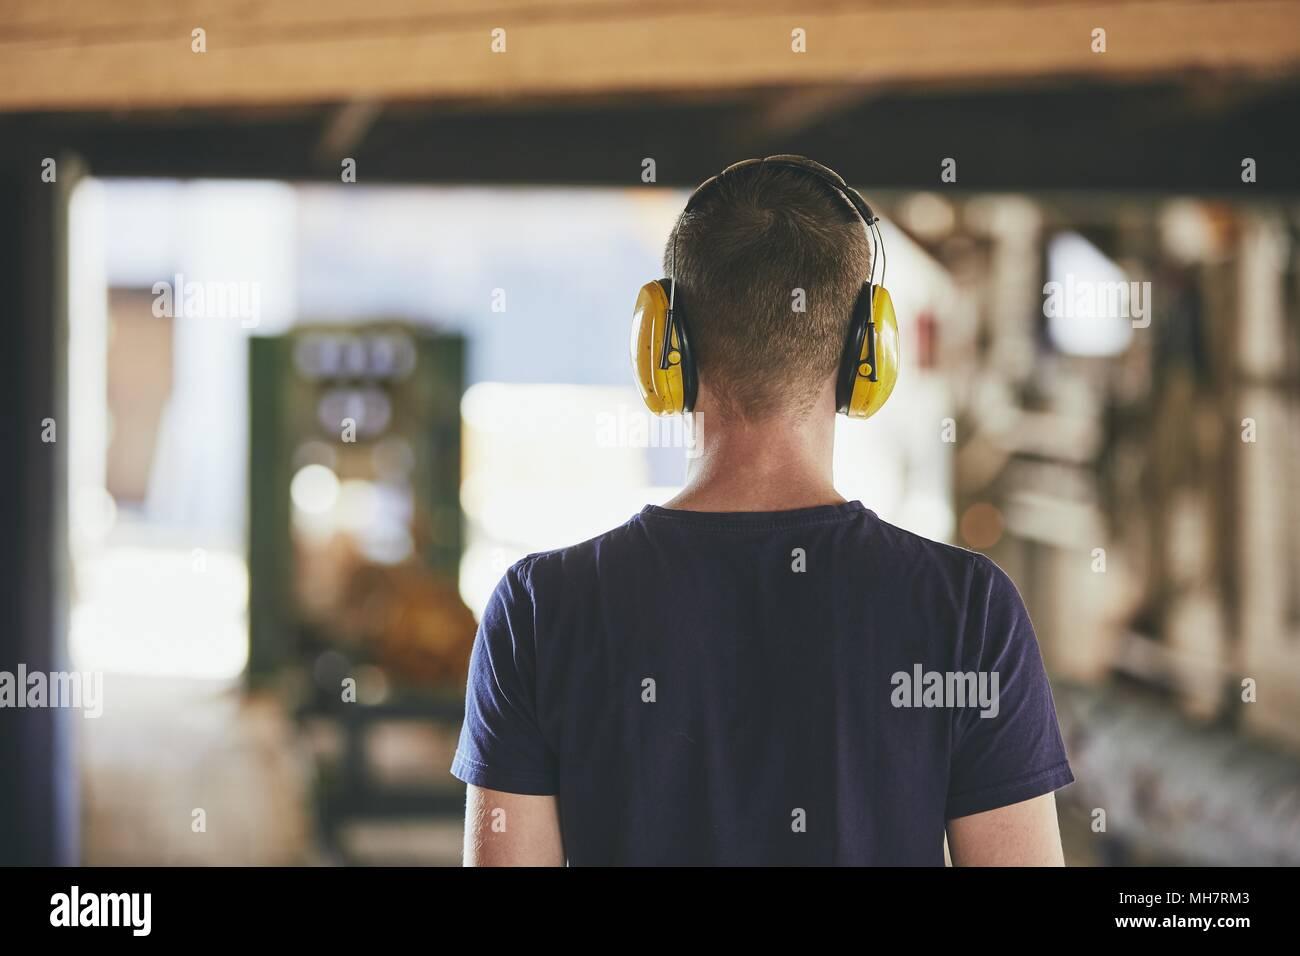 Uomo che lavora in segheria. Vista posteriore del lavoratore con auricolare. Immagini Stock